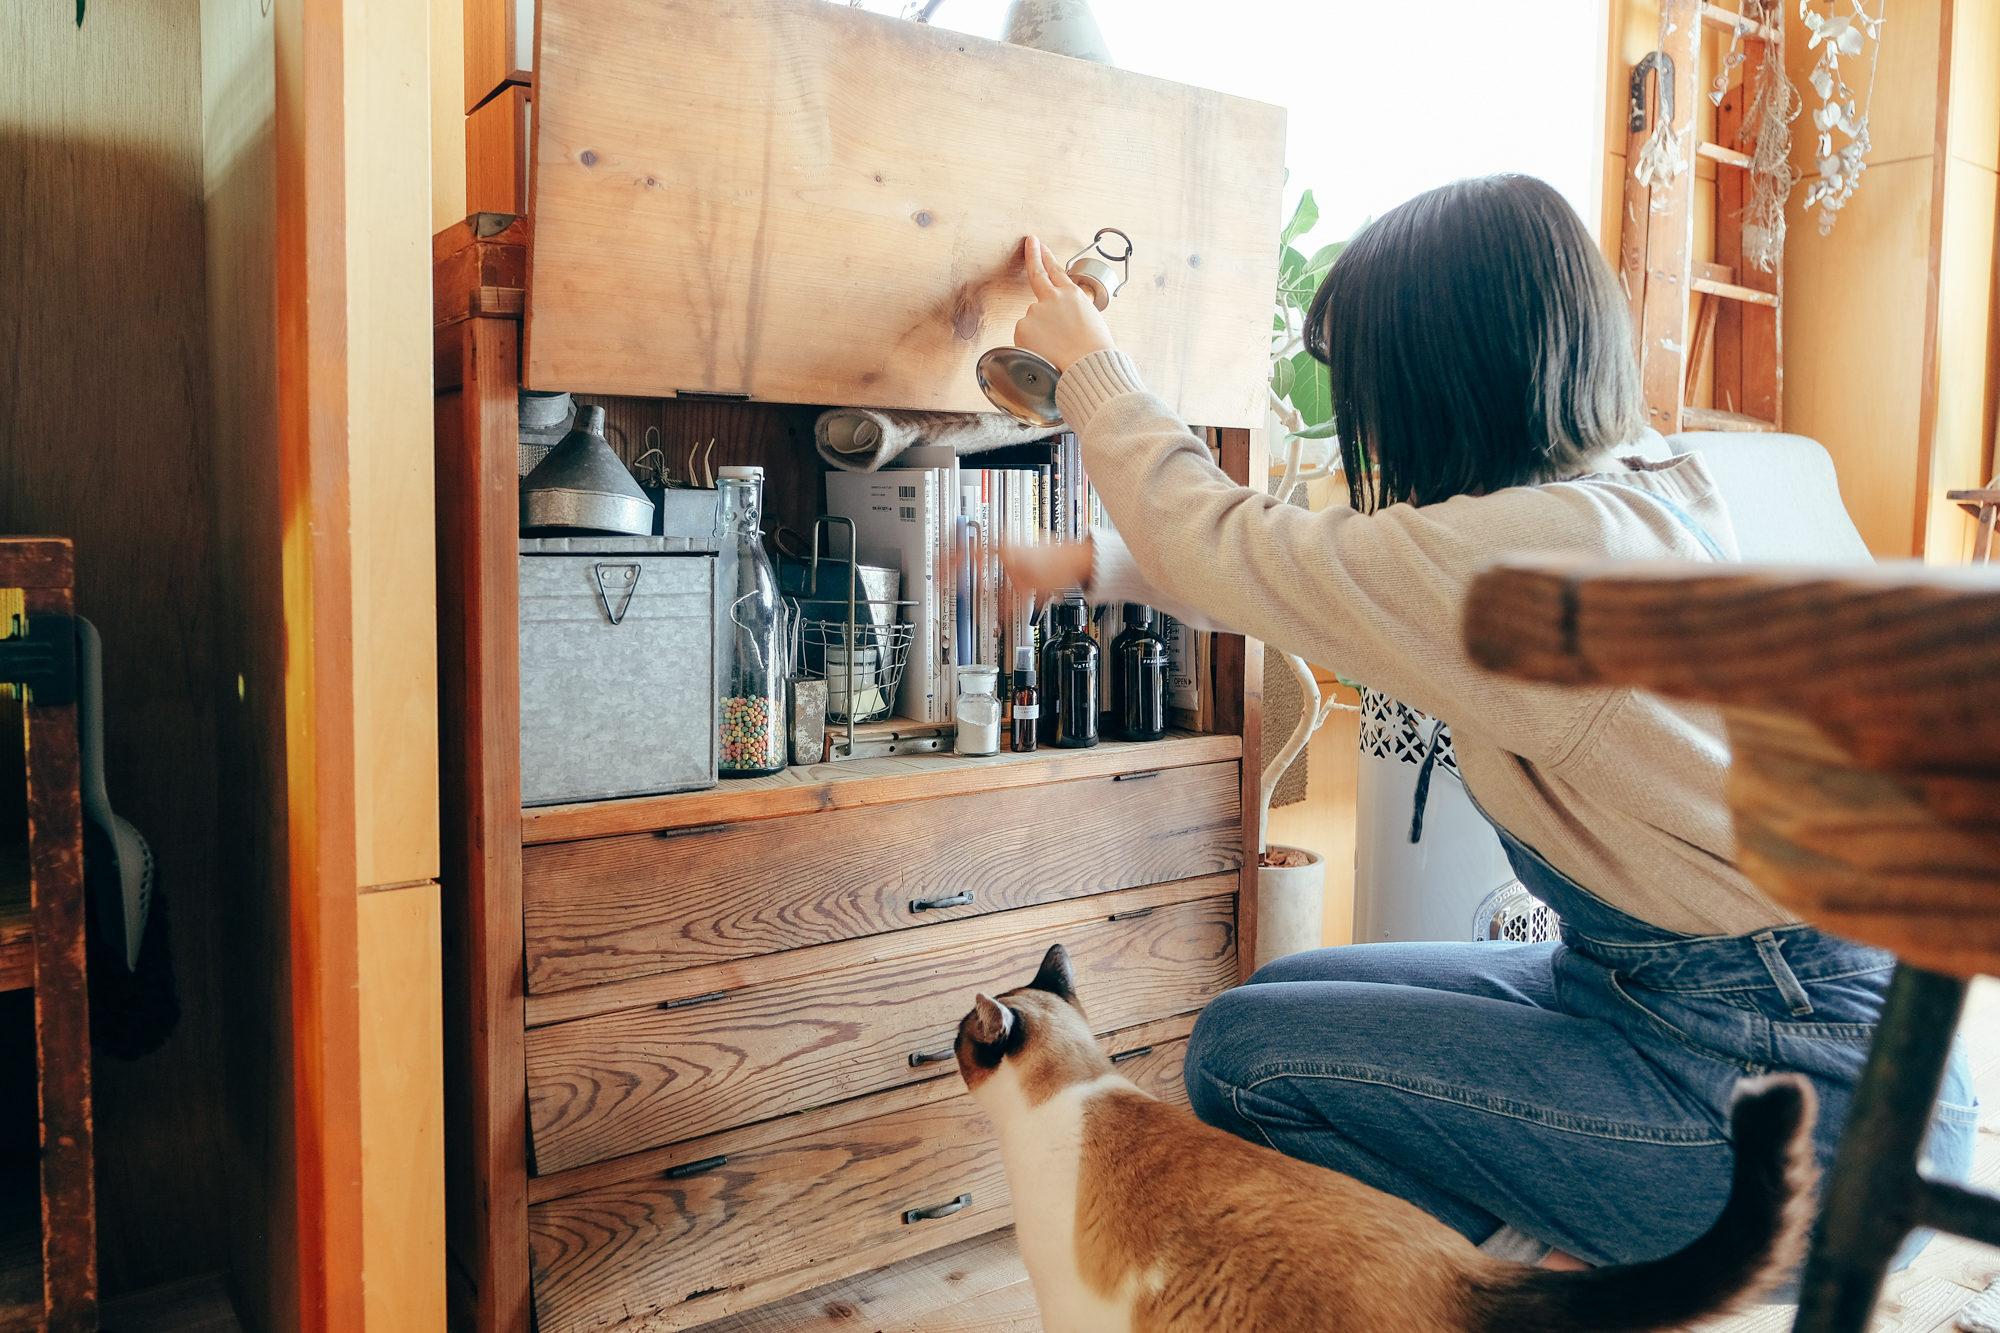 家で過ごす時間が長い職業柄、生活感のあるモノはできるだけ「見せない収納」スタイルで。猫ちゃんのエサなどをしまう古道具は、何度開け閉めしても壊れない、強さが魅力なのだとか。